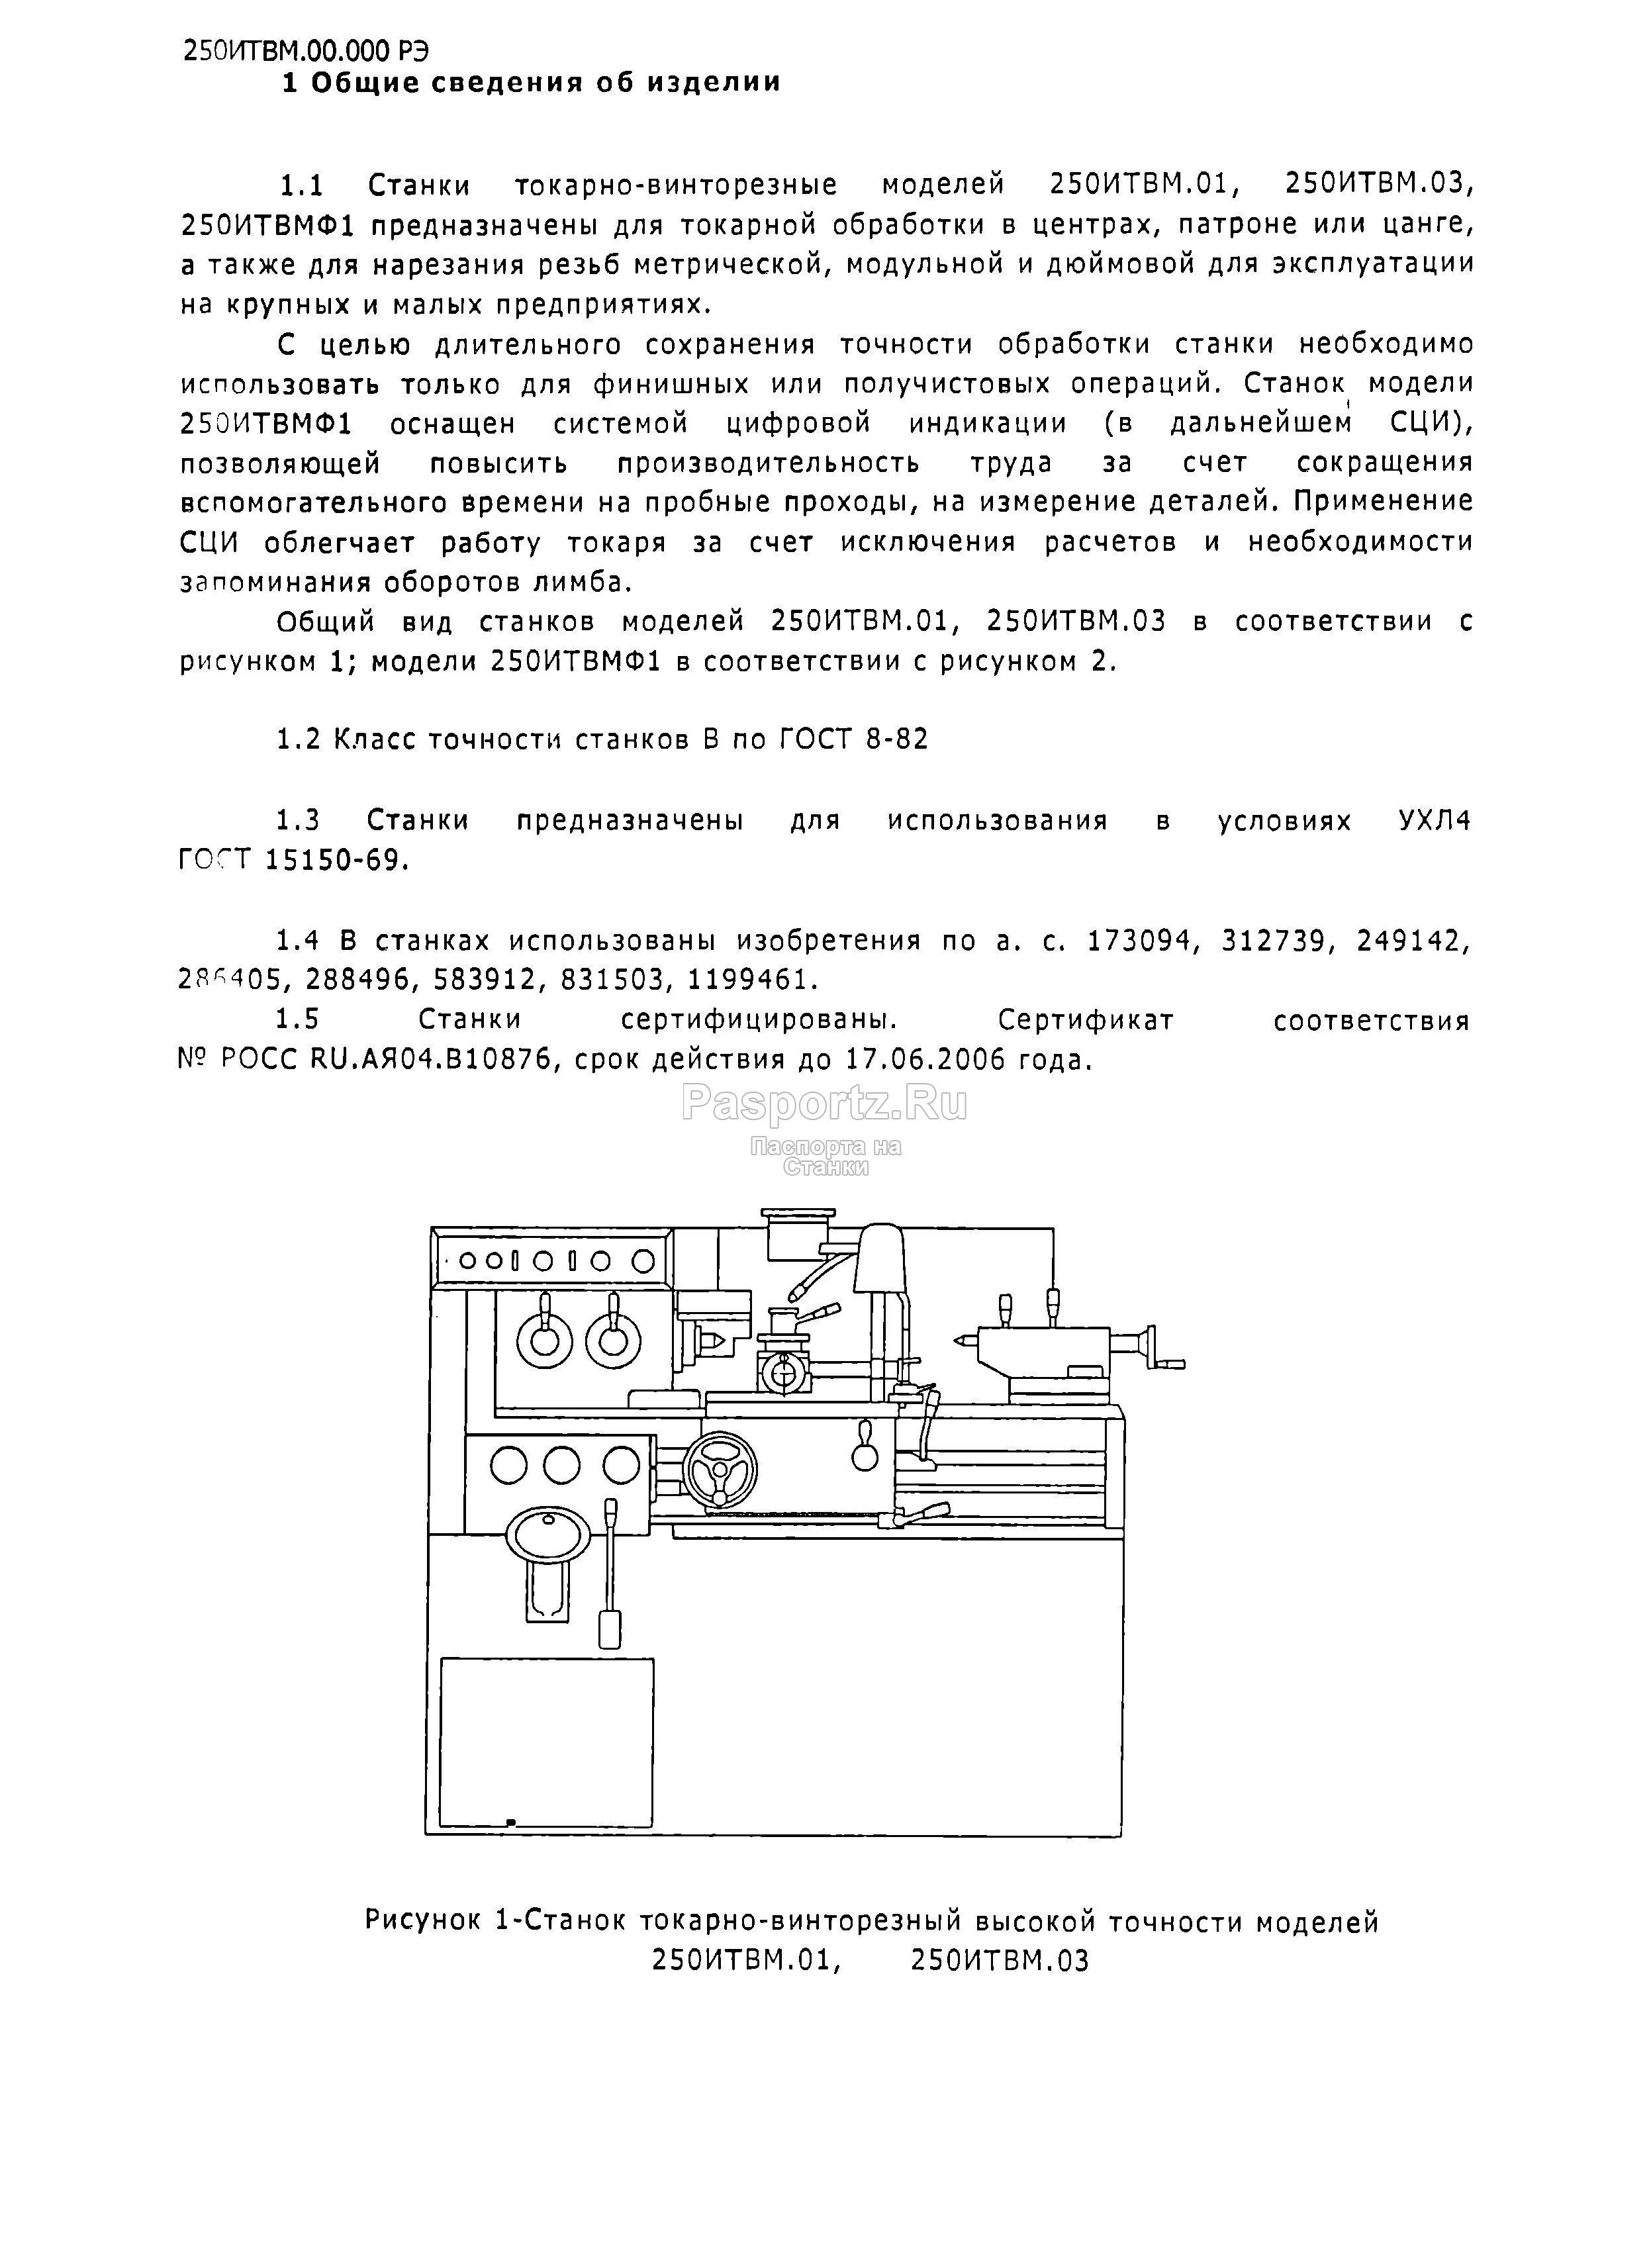 250итвм станок токарно-винторезный высокой точности универсальный. паспорт, схемы, характеристики, описание